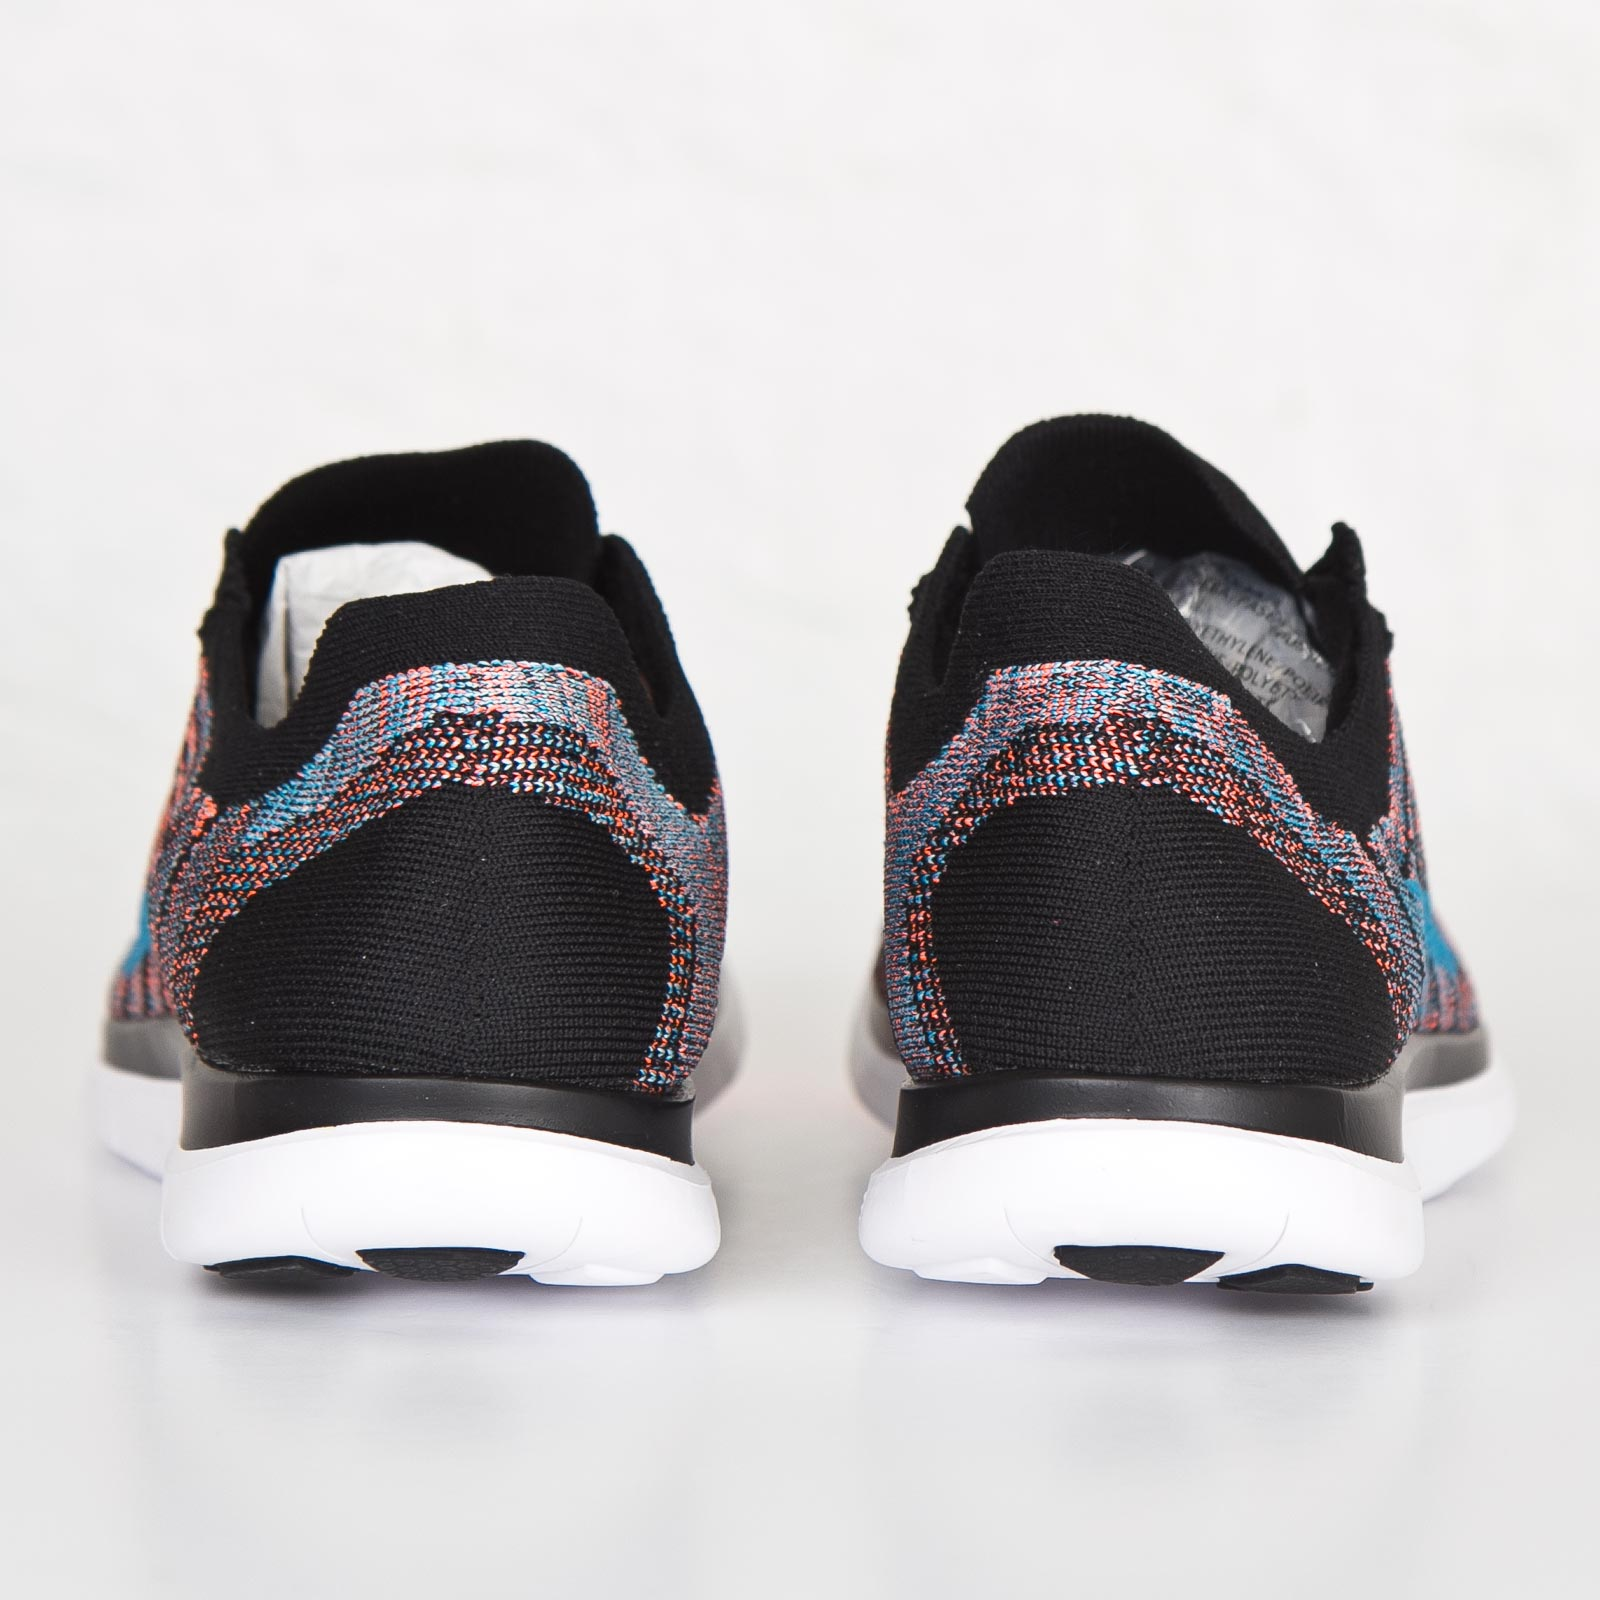 online store 675cb 6f7f3 Nike Free 4.0 Flyknit - 717075-009 - Sneakersnstuff ...